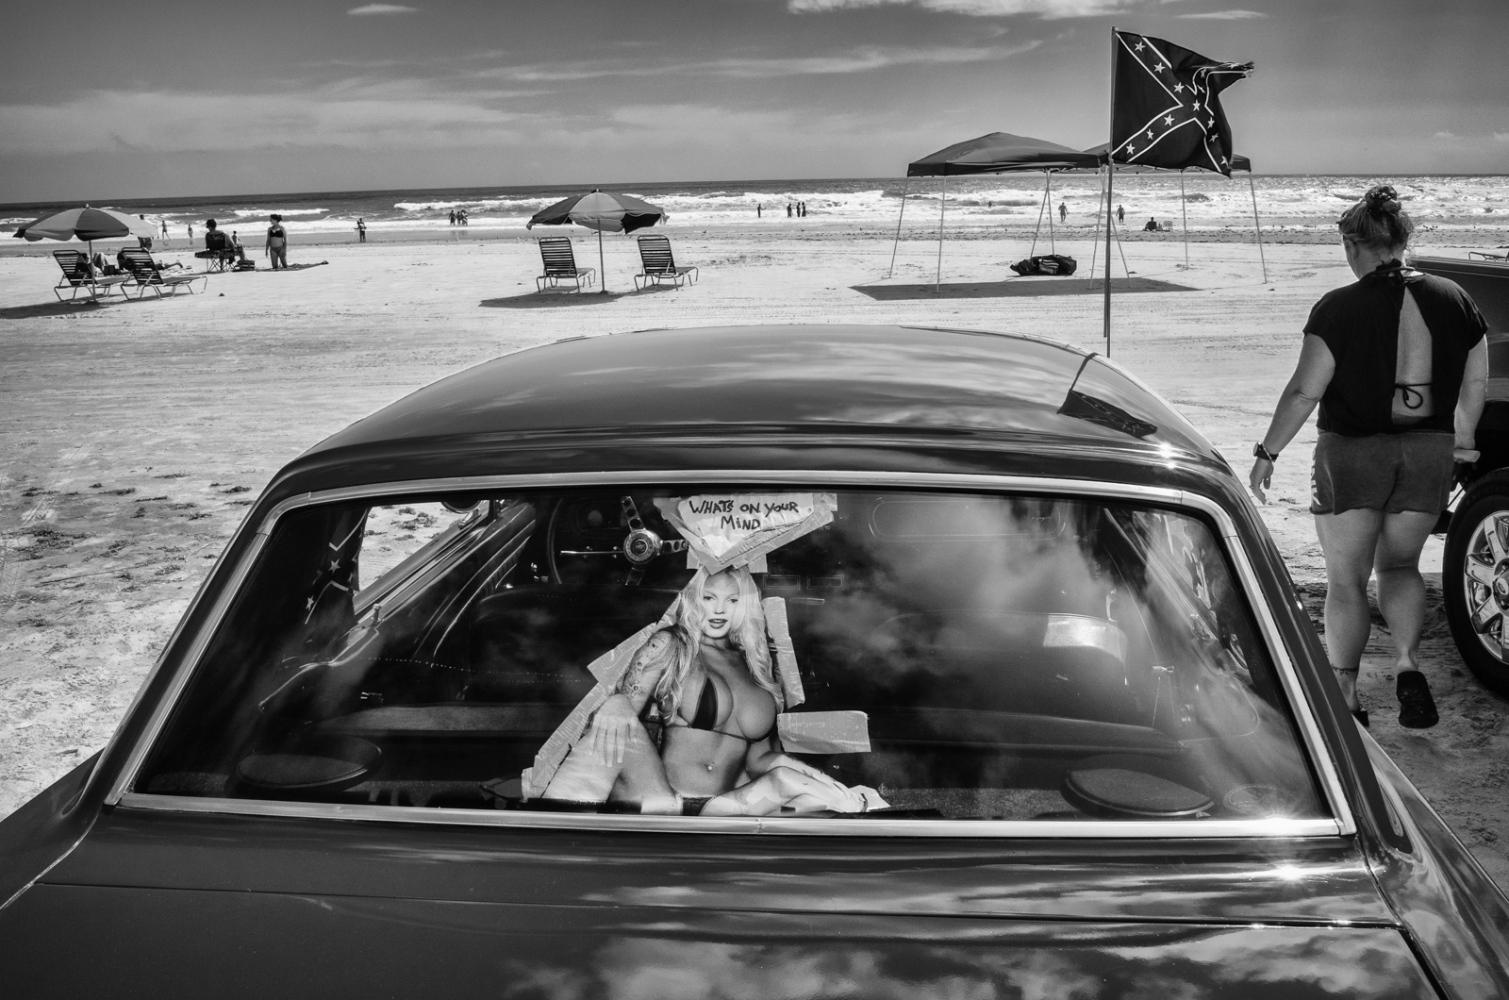 Daytona Beach Mustang on the beach